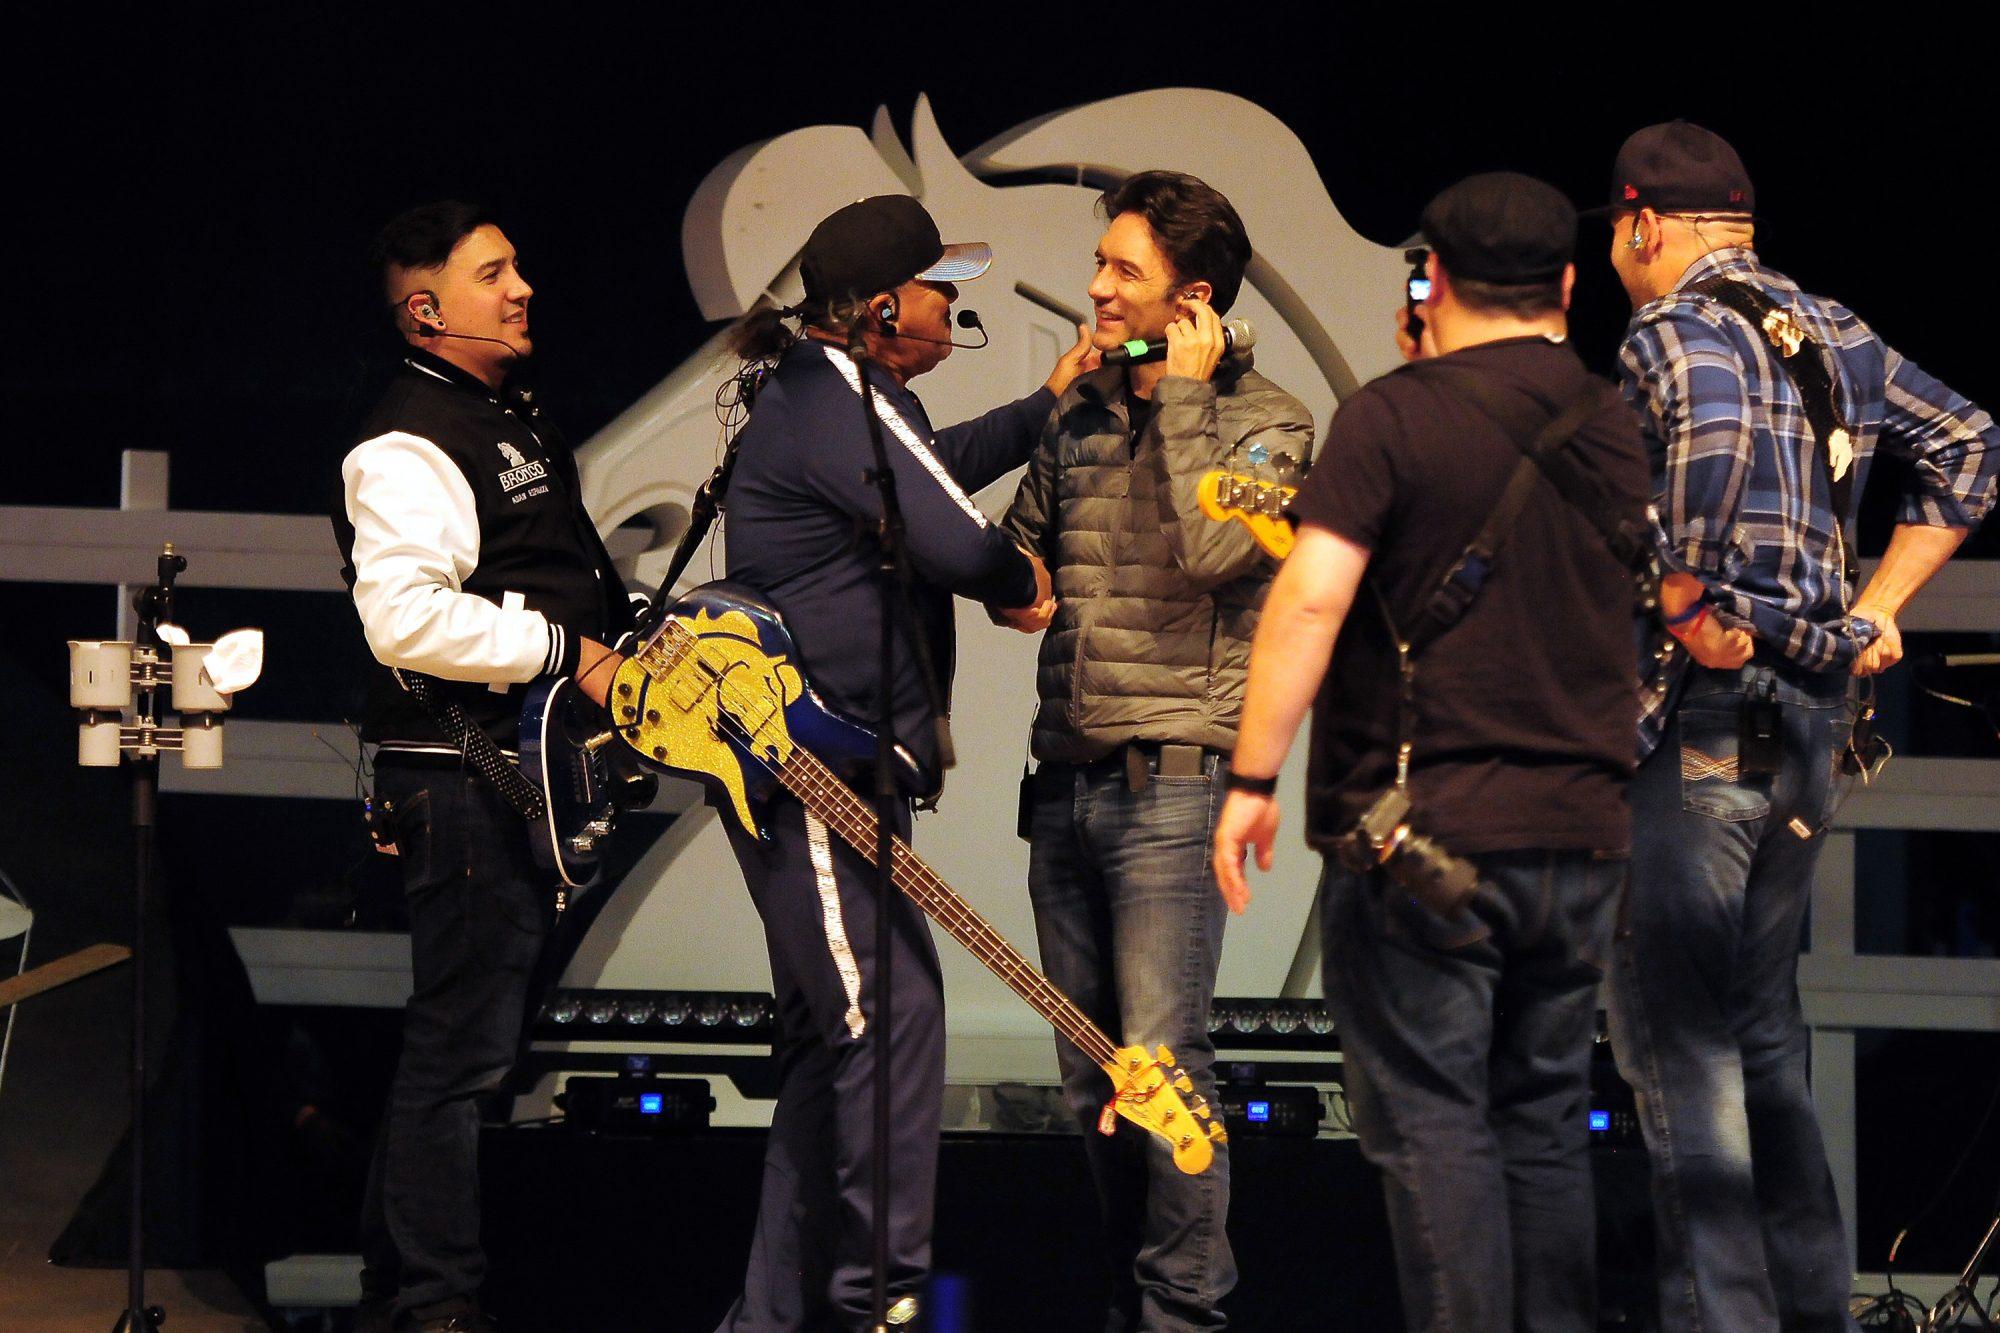 Bronco ofrece un concierto en el Auditorio Nacional